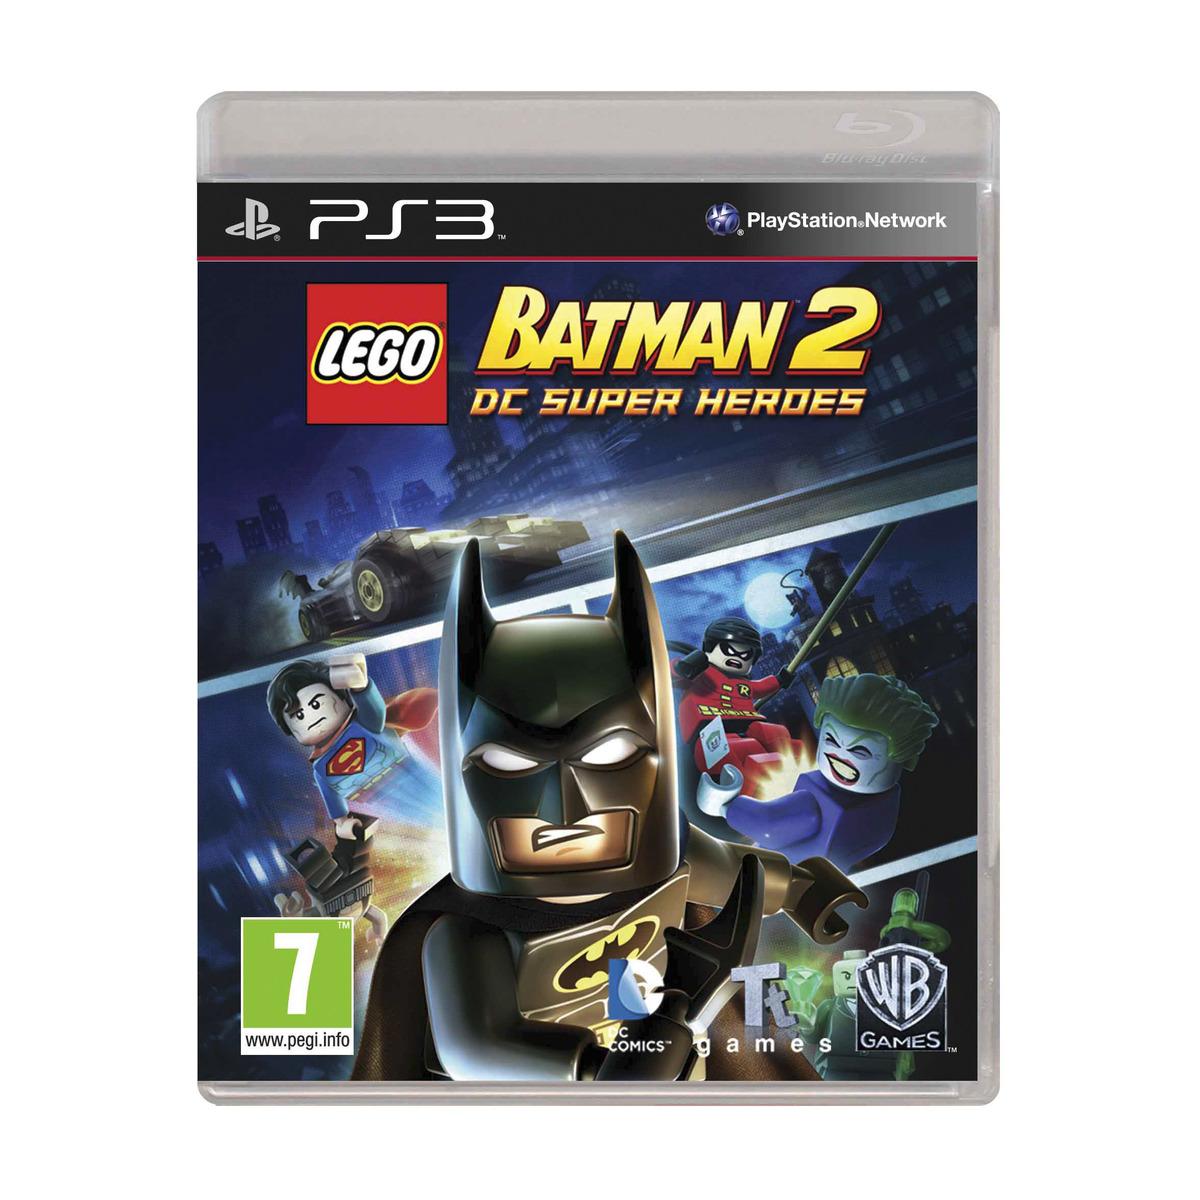 PS3 LEGO BATMAN 2 DC SUPERHEROES - Power.no